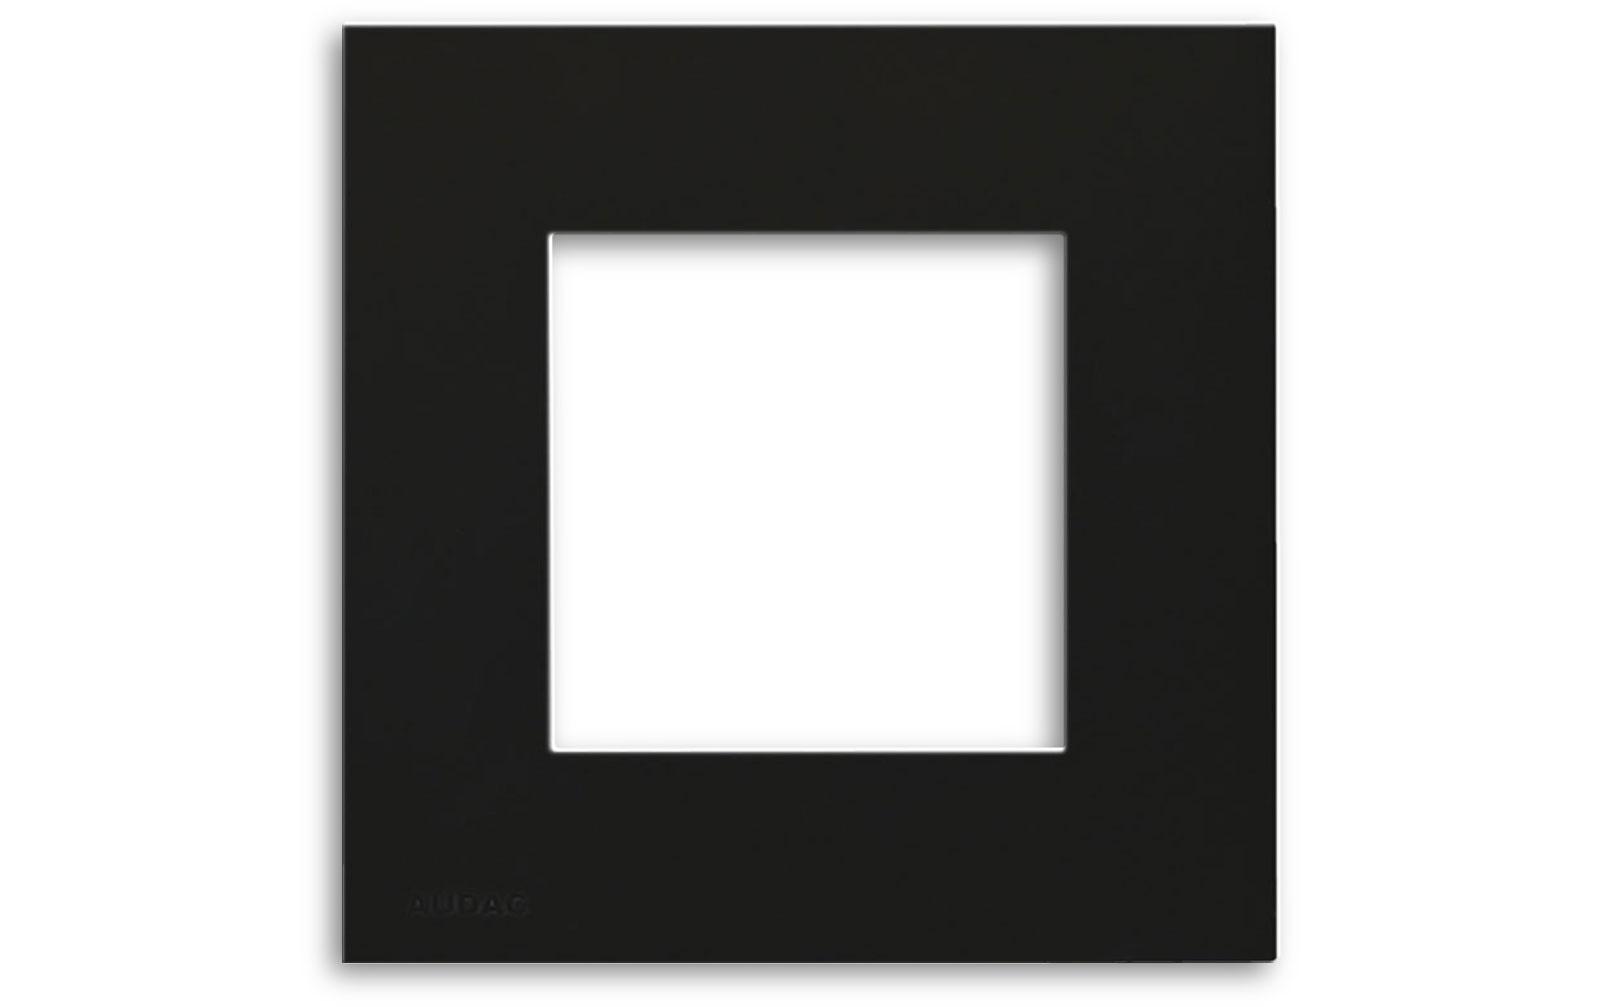 audac-cf-45-sb-abdeckrahmen-einzeln-45-x-45-mm-schwarz